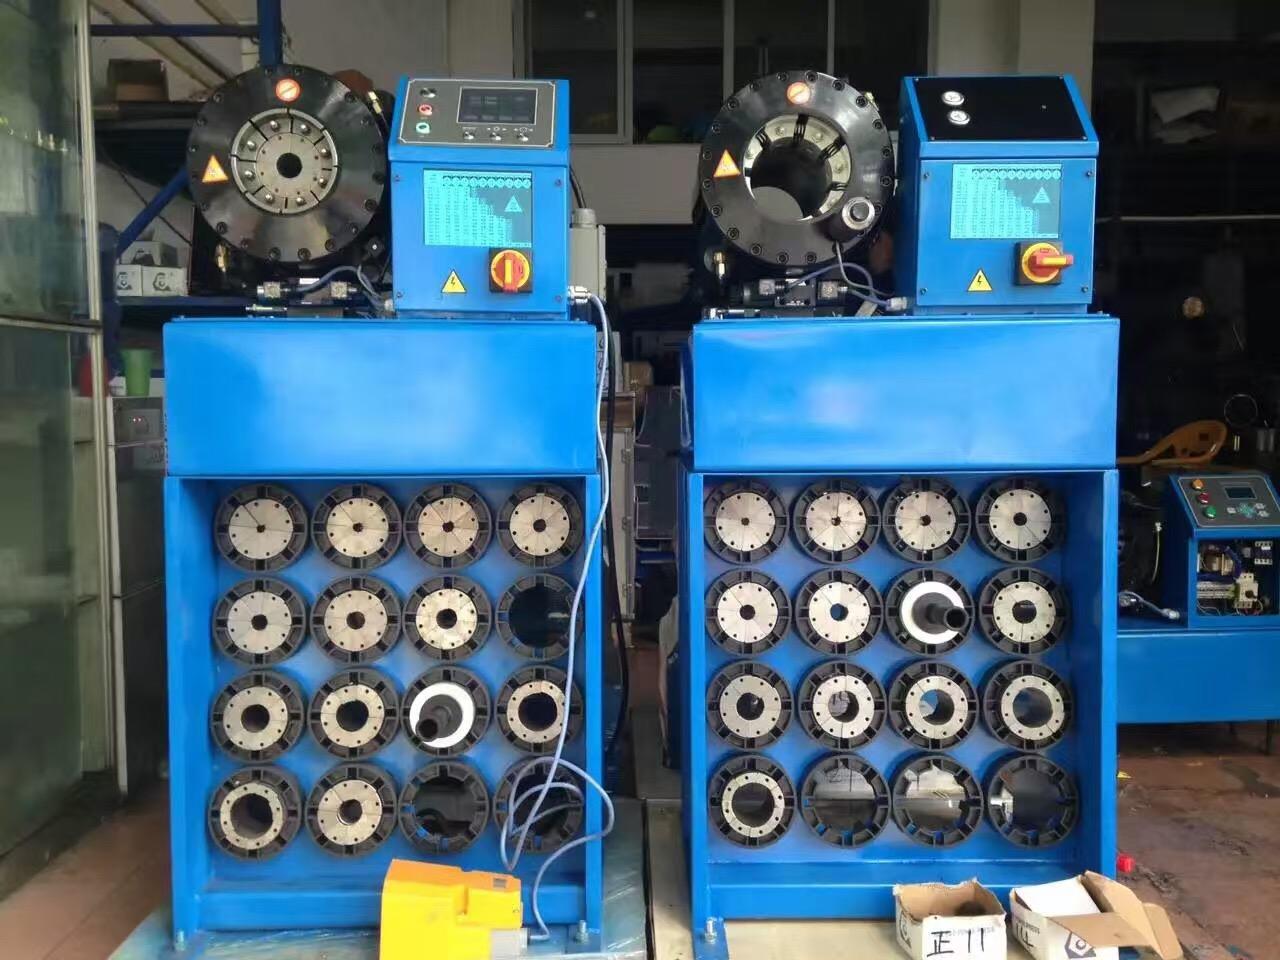 西安亚压管机价格是多少?购买西安压管机需要注意什么? - 1